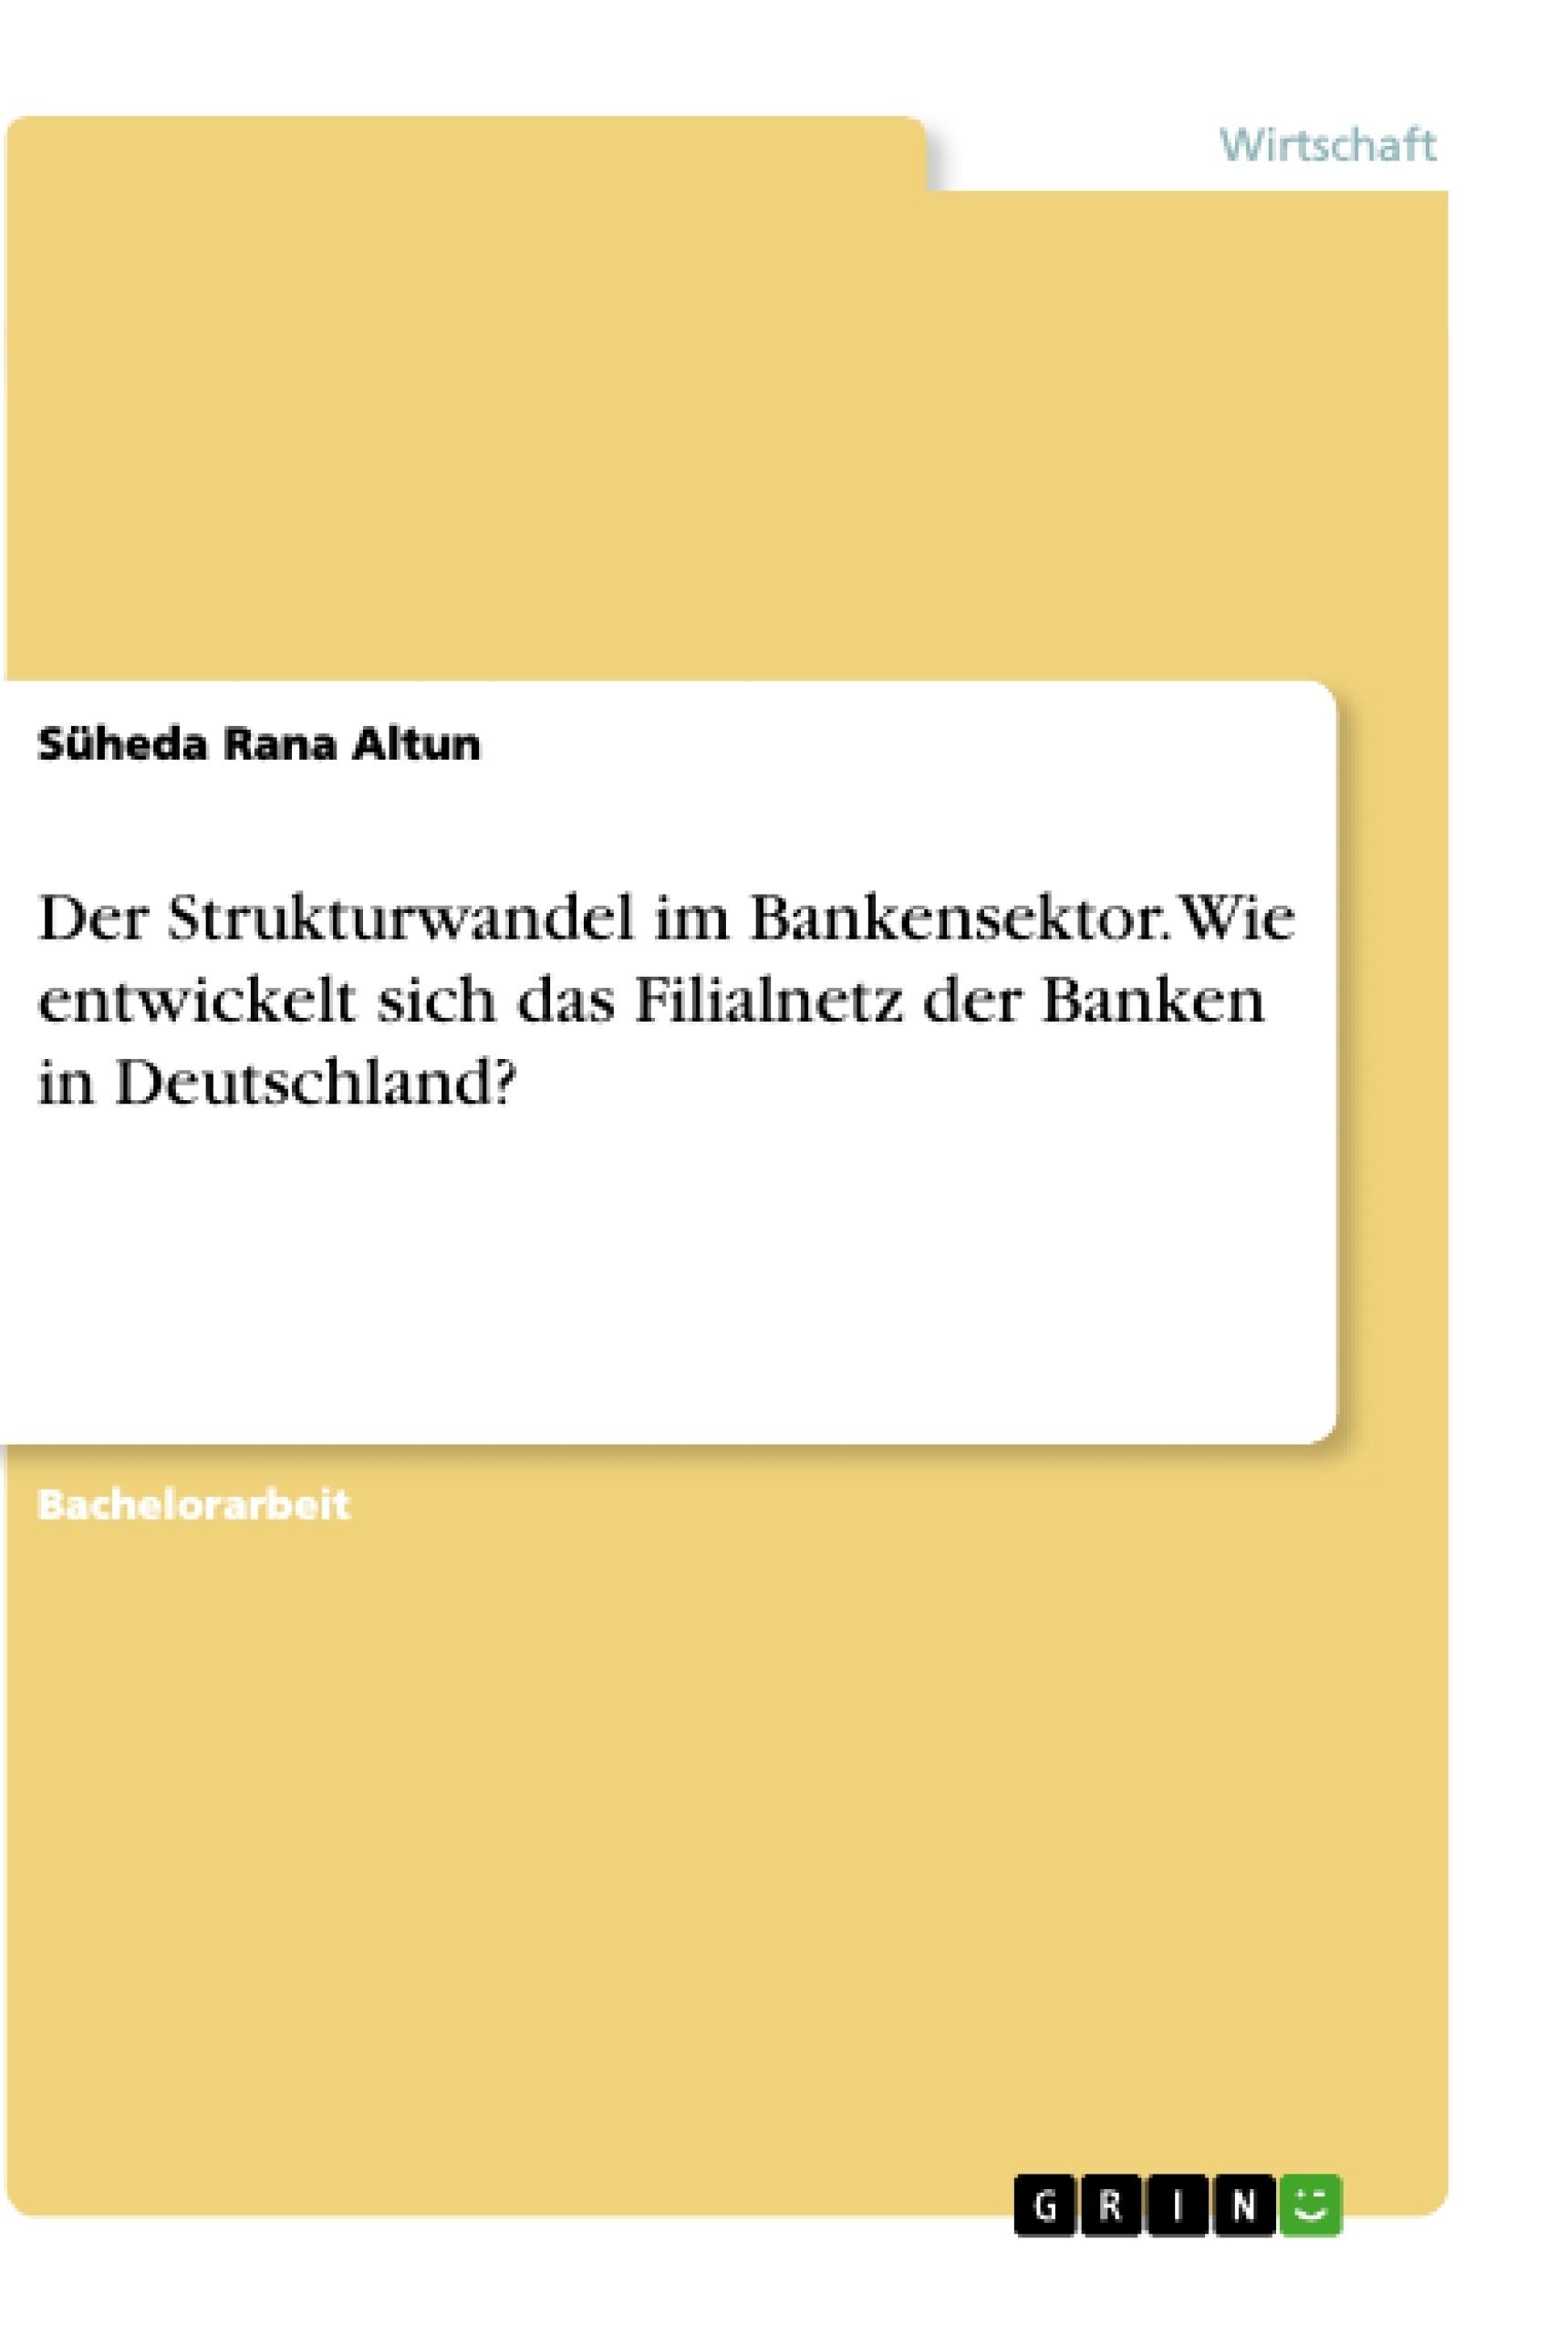 Titel: Der Strukturwandel im Bankensektor. Wie entwickelt sich das Filialnetz der Banken in Deutschland?